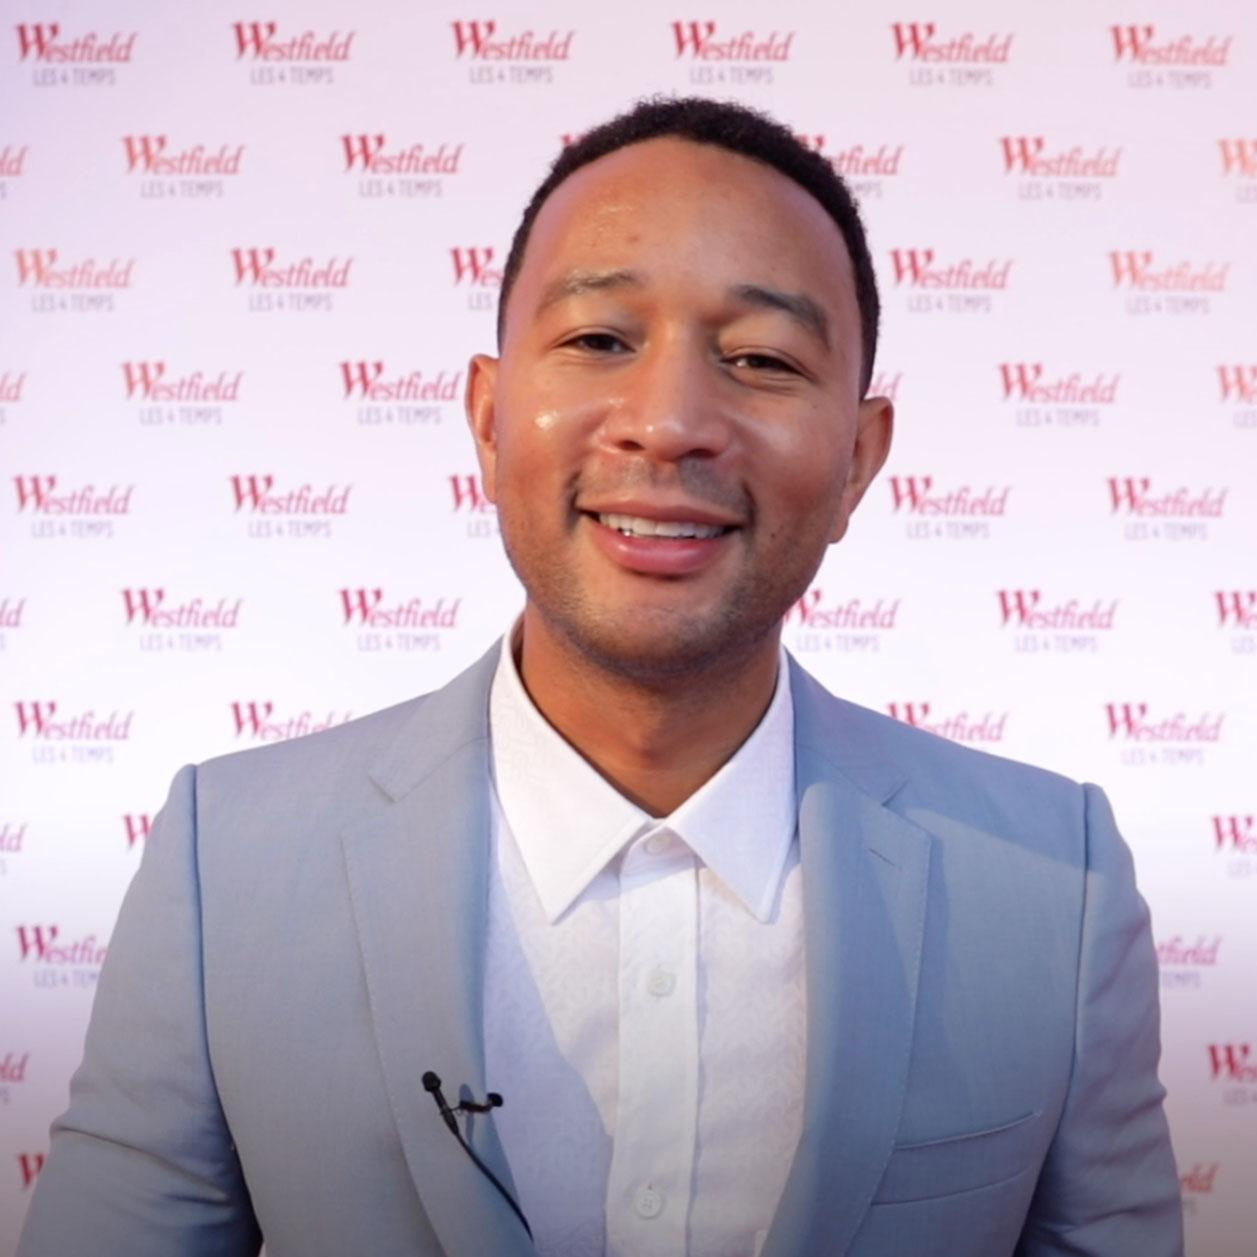 """John Legend : Sa chanson préférée est """"All of Me"""" pour une très belle raison"""